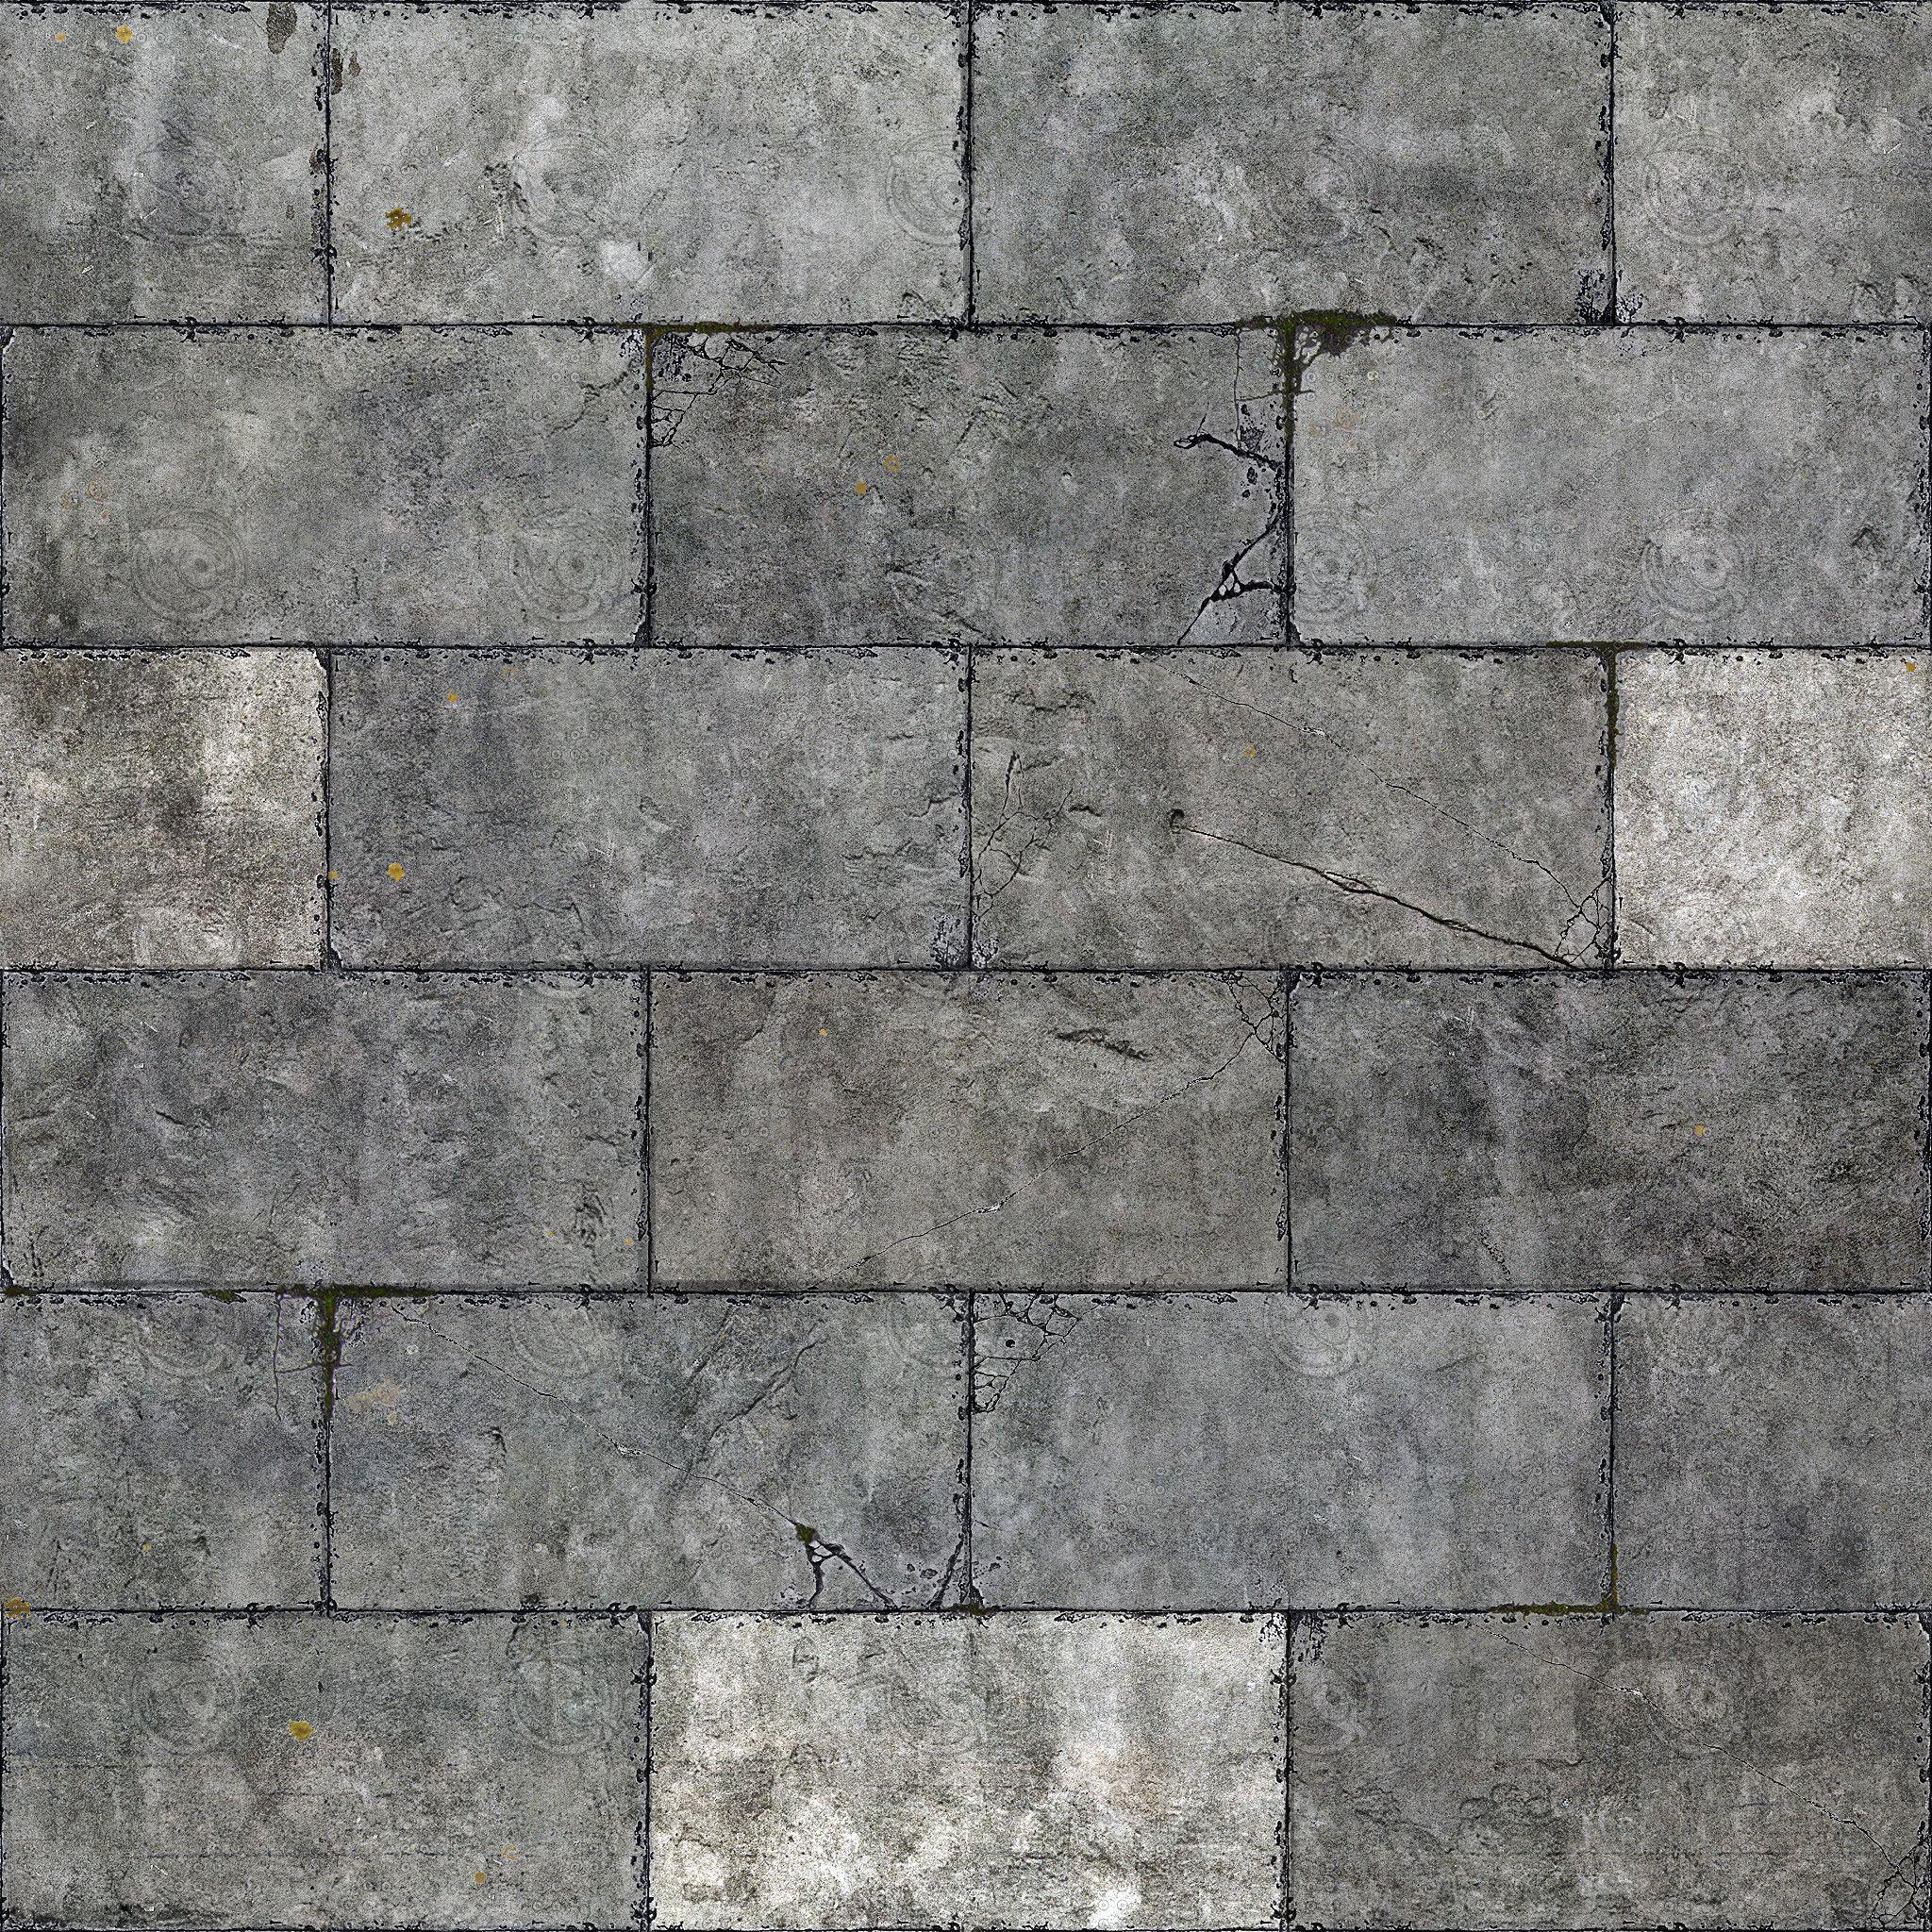 slate floor texture. Stone Floor - Google Search Slate Texture